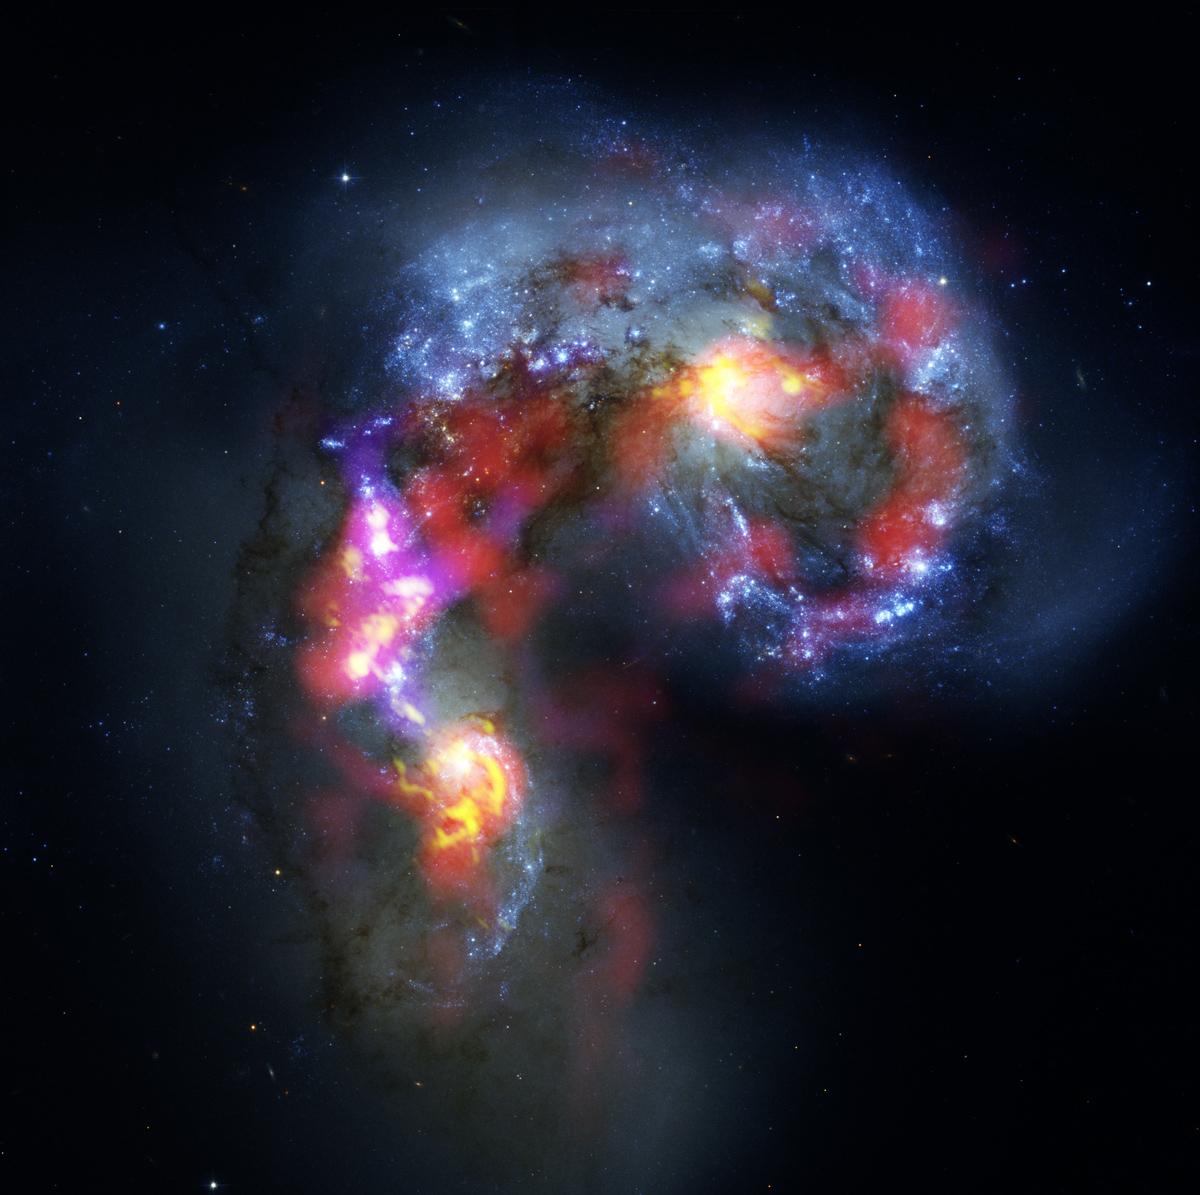 Las galaxias Antena (también conocidas como NGC 4038 y 4039) son un dúo de galaxias espiral en colisión y con formas distorsionadas que están a unos 70 millones de años-luz de distancia, en la constelación de Corvus (el Cuervo). Esta imagen combina observaciones realizadas por ALMA durante la etapa de pruebas y observaciones en longitudes de onda de luz visible hechas con el telescopio espacial Hubble de la NASA y ESA. La imagen del Hubble es la más precisa que se haya captado de este objeto y sirve de referencia en términos de resolución. ALMA realiza observaciones en longitudes de onda mucho más largas, con lo cual es más difícil obtener imágenes tan nítidas. Sin embargo, cuando el conjunto de ALMA esté construido, su capacidad de resolución será diez veces superior a la del Hubble. La mayor parte de las observaciones de prueba de ALMA usadas para crear esta imagen se hicieron utilizadando solo doce antenas -menos de las que se usarán para las primeras observaciones científicas- y con separaciones mucho menores entre ellas, por lo cual no es más que un atisbo de lo que está por venir. A medida que el observatorio crezca y se vayan incorporando nuevas antenas, aumentará exponencialmente la precisión, eficiencia y calidad de sus observaciones. Aun así, esta es la mejor imagen que se haya obtenido de las galaxias Antena en ondas submilimétricas, lo que marca un hito en la exploración del Universo submilimétrico. Mientras que la observación en luz visible (representada principalmente en azul en esta imagen) permite detectar estrellas recién formadas en las galaxias, ALMA revela objetos imposible de observar en esa longitud de onda, como lo son las densas nubes de gas frío donde se forman las estrellas. Las observaciones de ALMA (representadas aquí en rojo, rosado y amarillo) se realizaron en longitudes de onda milimétricas y submilimétricas específicas para detectar la presencia de moléculas de monóxido de carbono en nubes de hidrógeno -invisibles en otras longitudes 